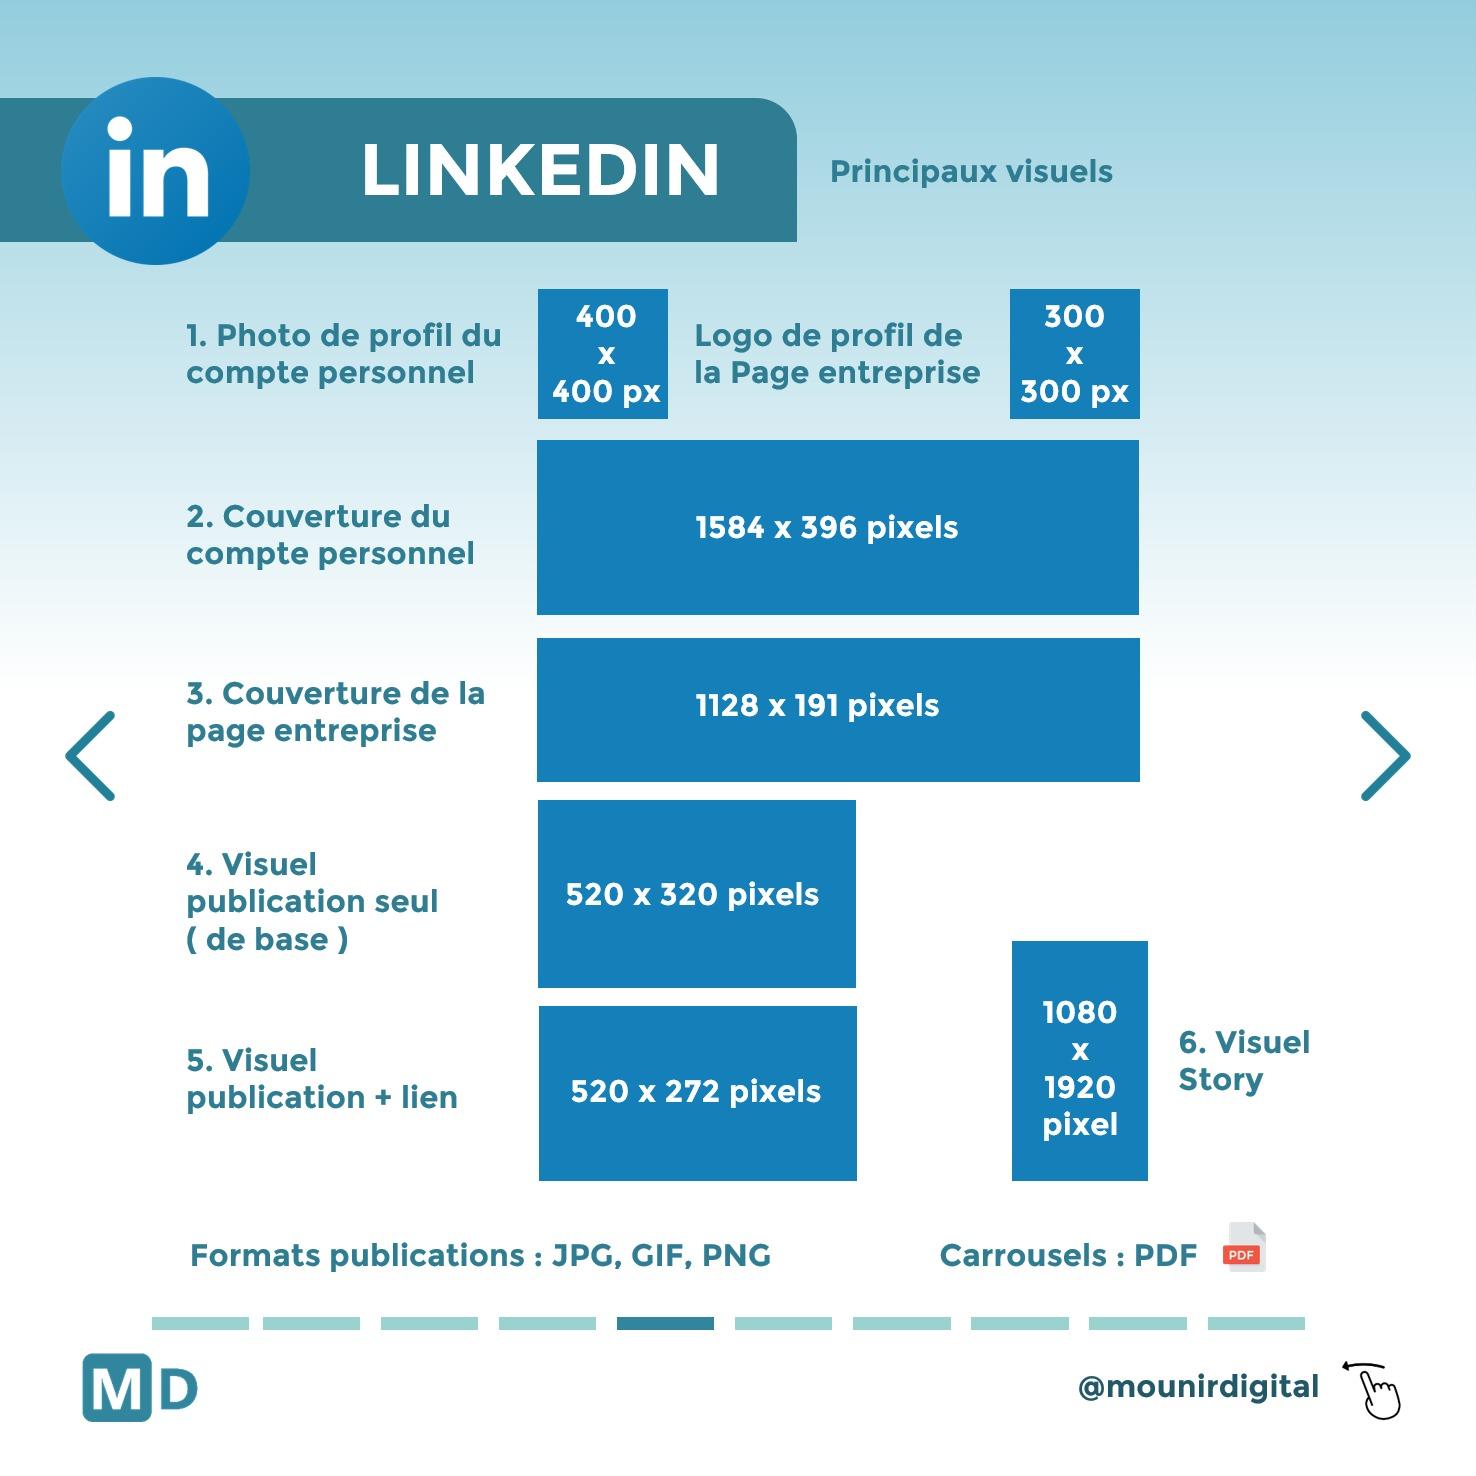 Taille visuel Linkedin - quelles tailles pour les visuels des réseaux sociaux - Mounir Digital